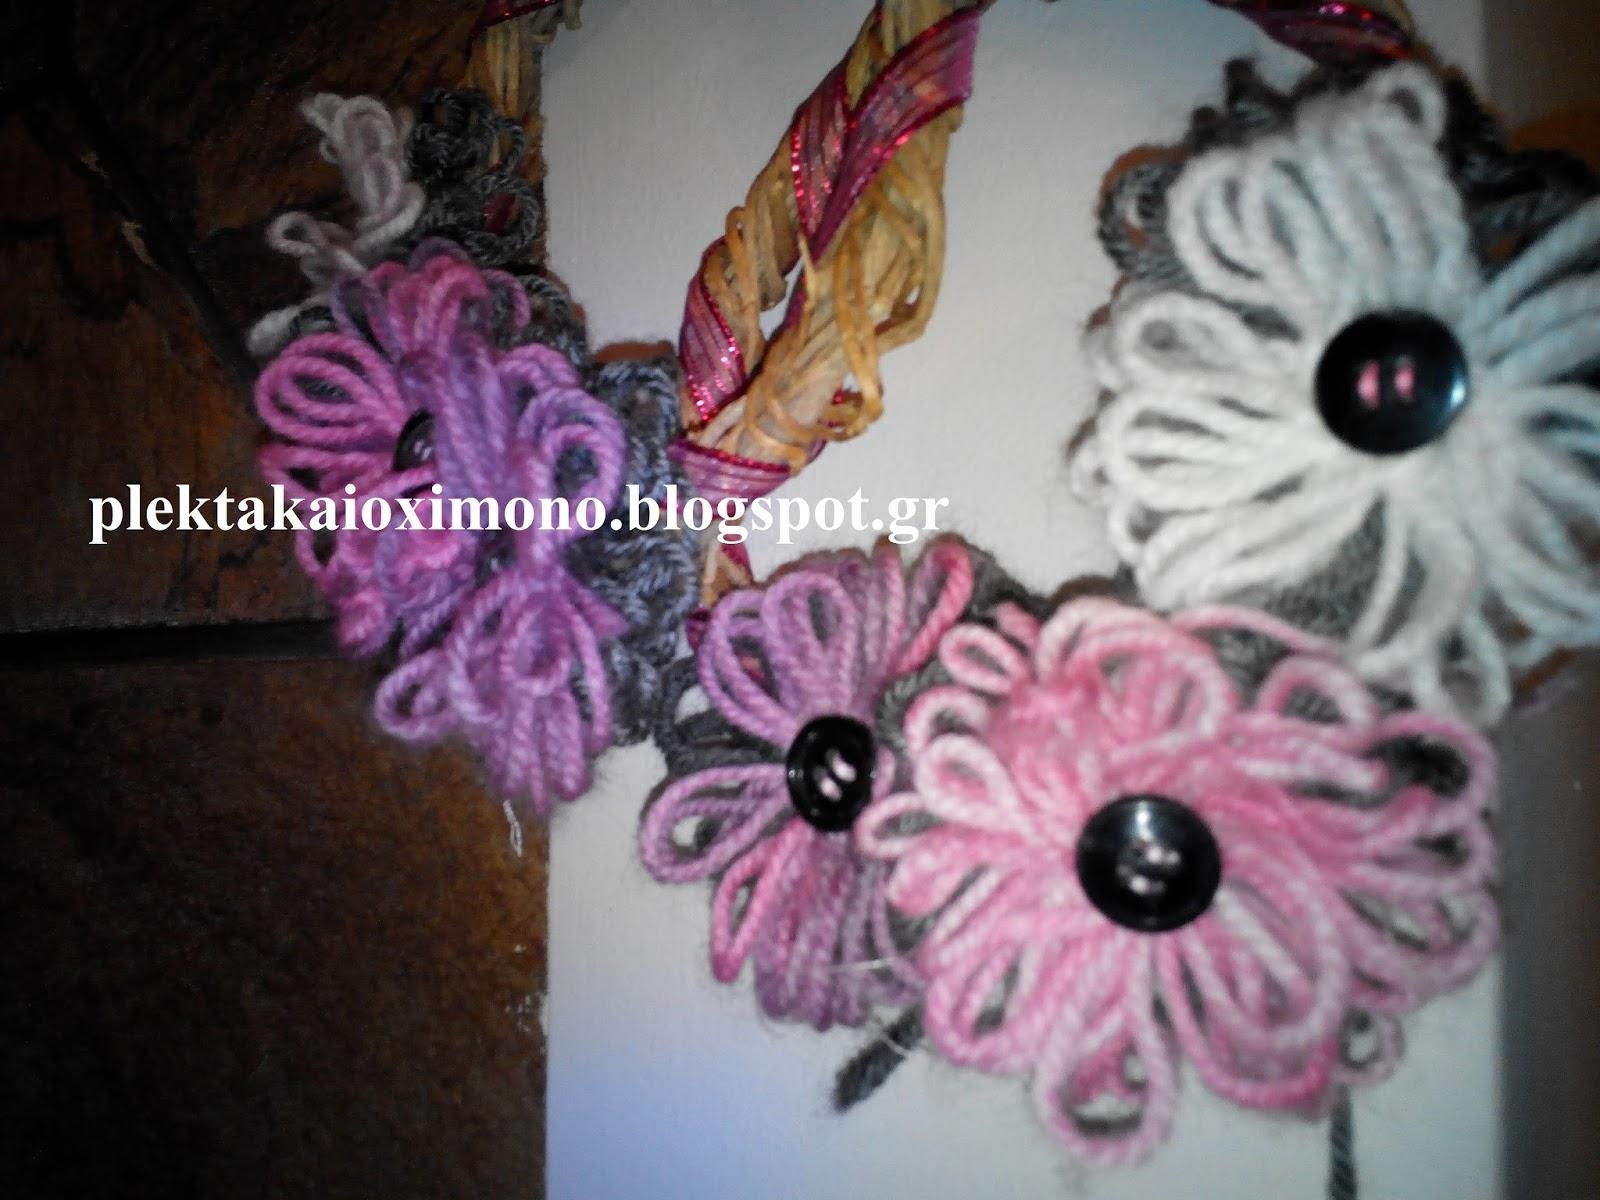 1ea8f438c28a Τα λουλούδια μπορούν να διακοσμήσουν όχι μόνο ρούχα αλλά και το σπίτι μας.  Παρακάτω ακολουθούν μερικές ιδέες για να στολίσετε το σπίτι σας με  πανέμορφα και ...